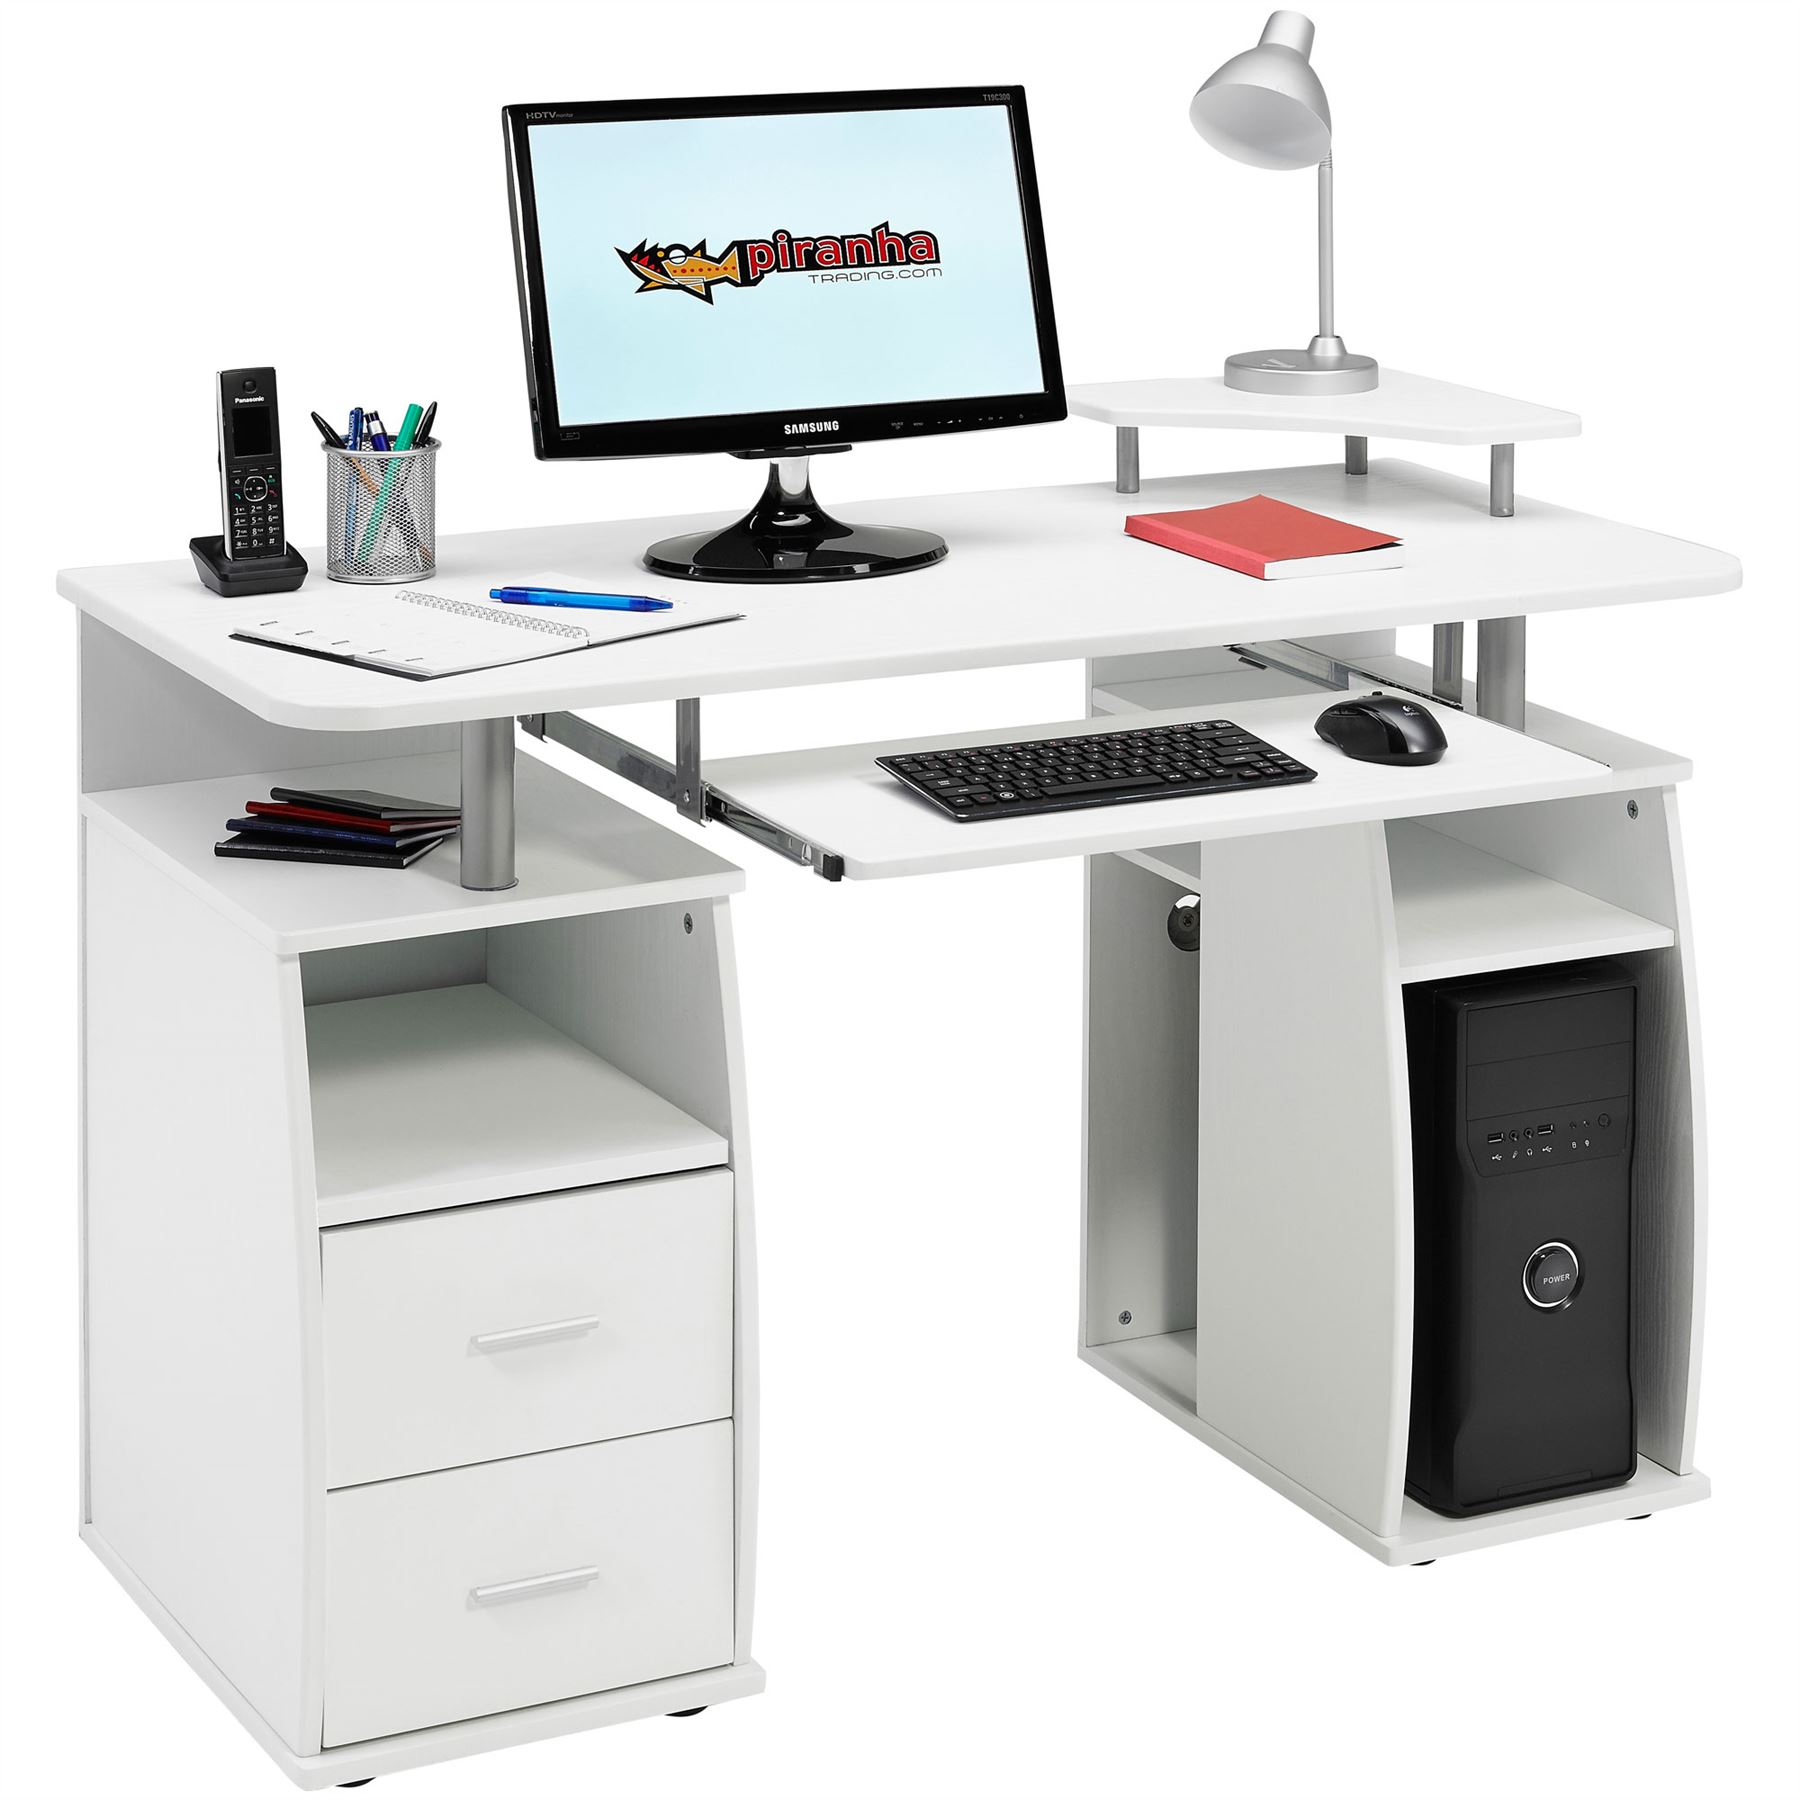 gro er computer schreibtisch arbeitstisch schubladen regalf chern ablagen piranh ebay. Black Bedroom Furniture Sets. Home Design Ideas